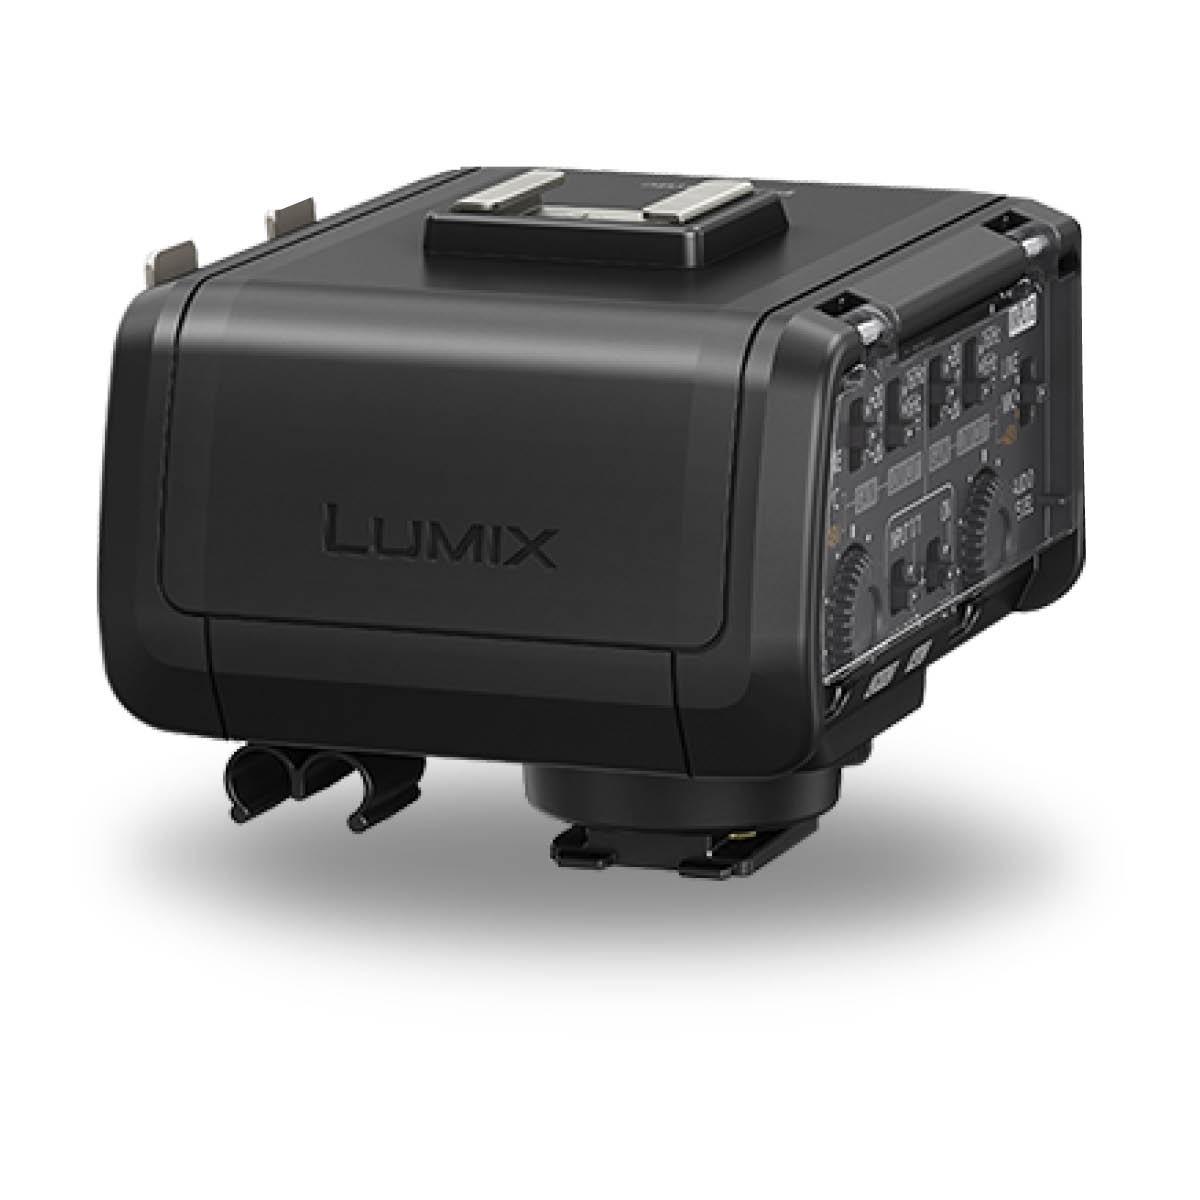 Panasonic Mikrofonadapter DMW-XLR1